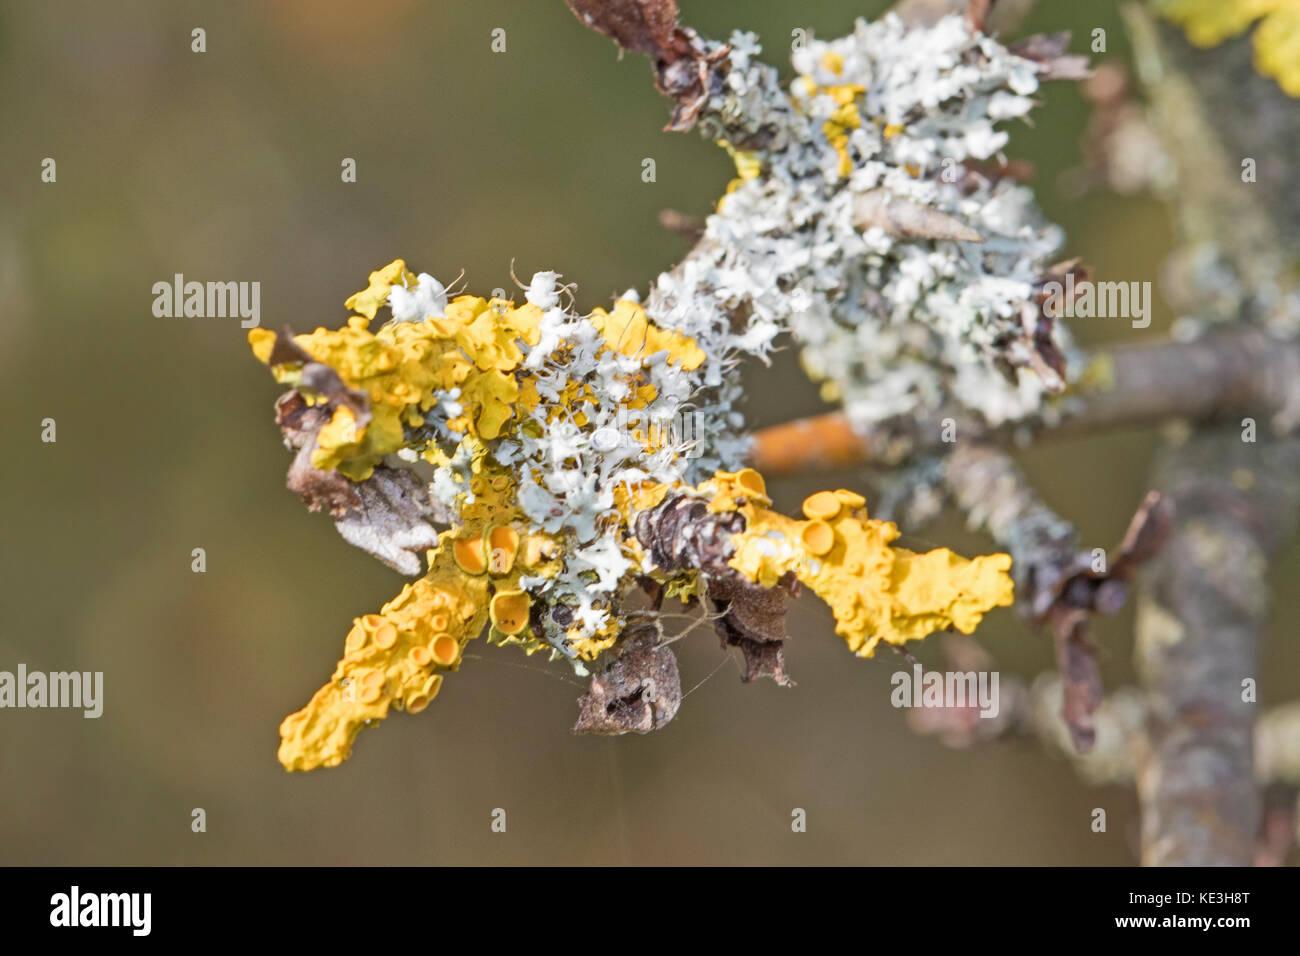 Common Orange Lichen on a twig - Stock Image